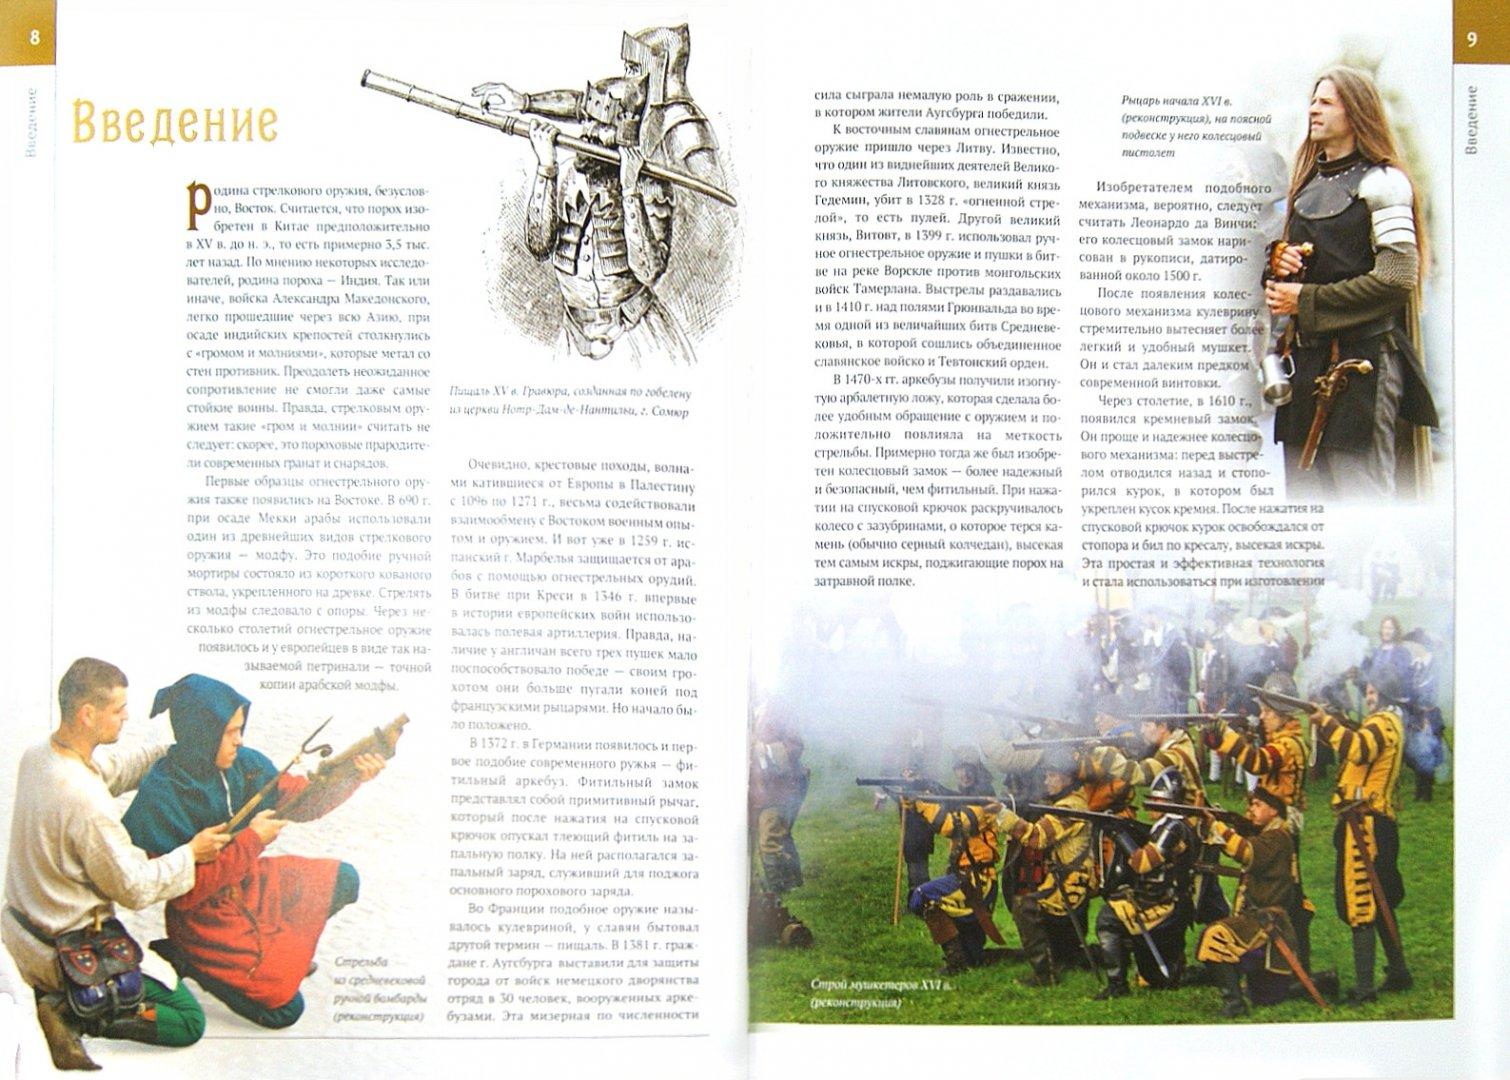 Иллюстрация 1 из 7 для Современное огнестрельное оружие мира - Вячеслав Волков   Лабиринт - книги. Источник: Лабиринт